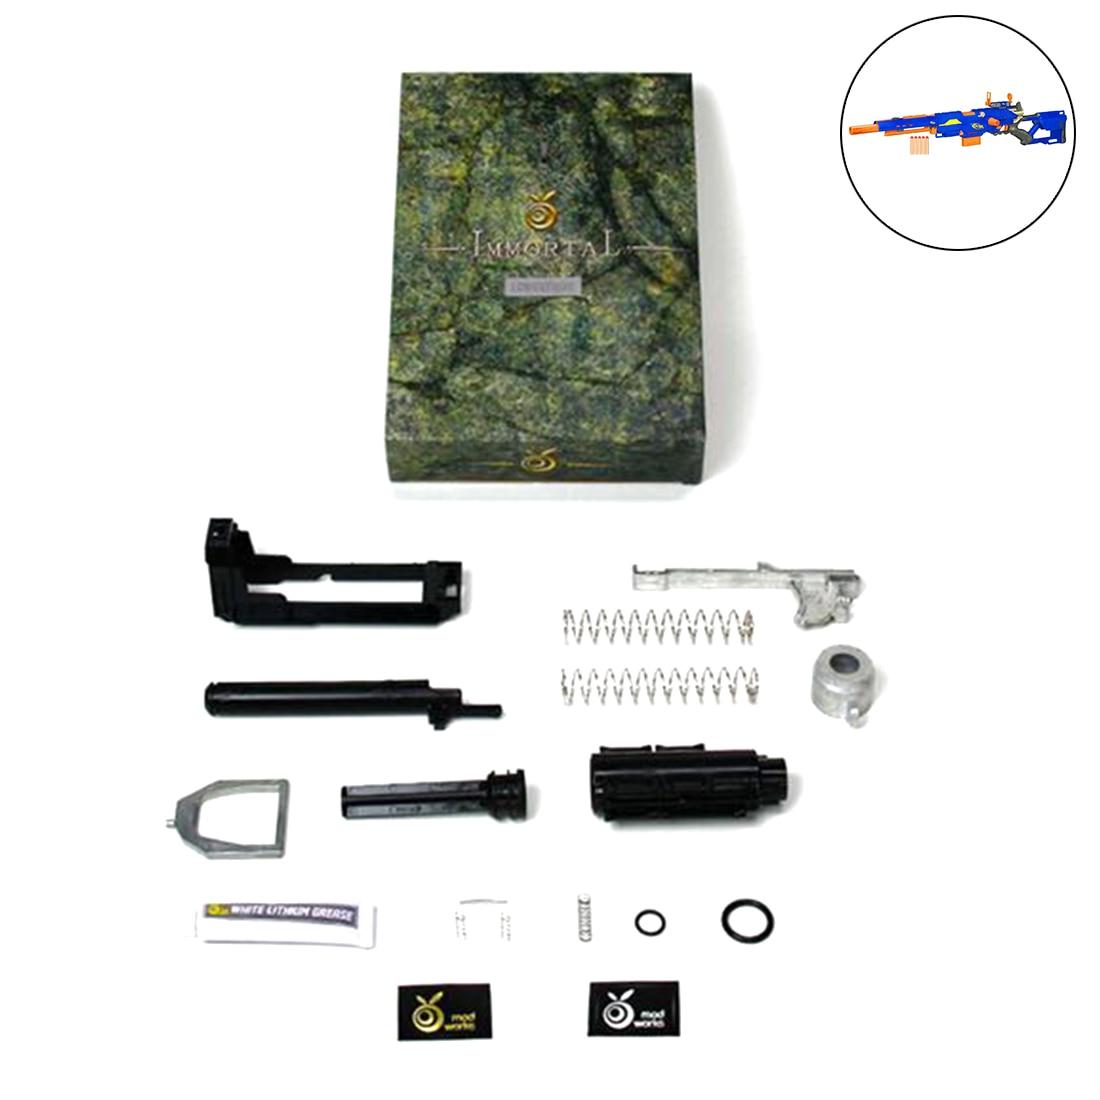 Arancione Mod Lavoro Diretto Tipo di pulsante Modificato KitIncludes (5 + KG e 7 + KG Primavera) per Nerf N-Strike Longstrike CS-6 Dart Blaster